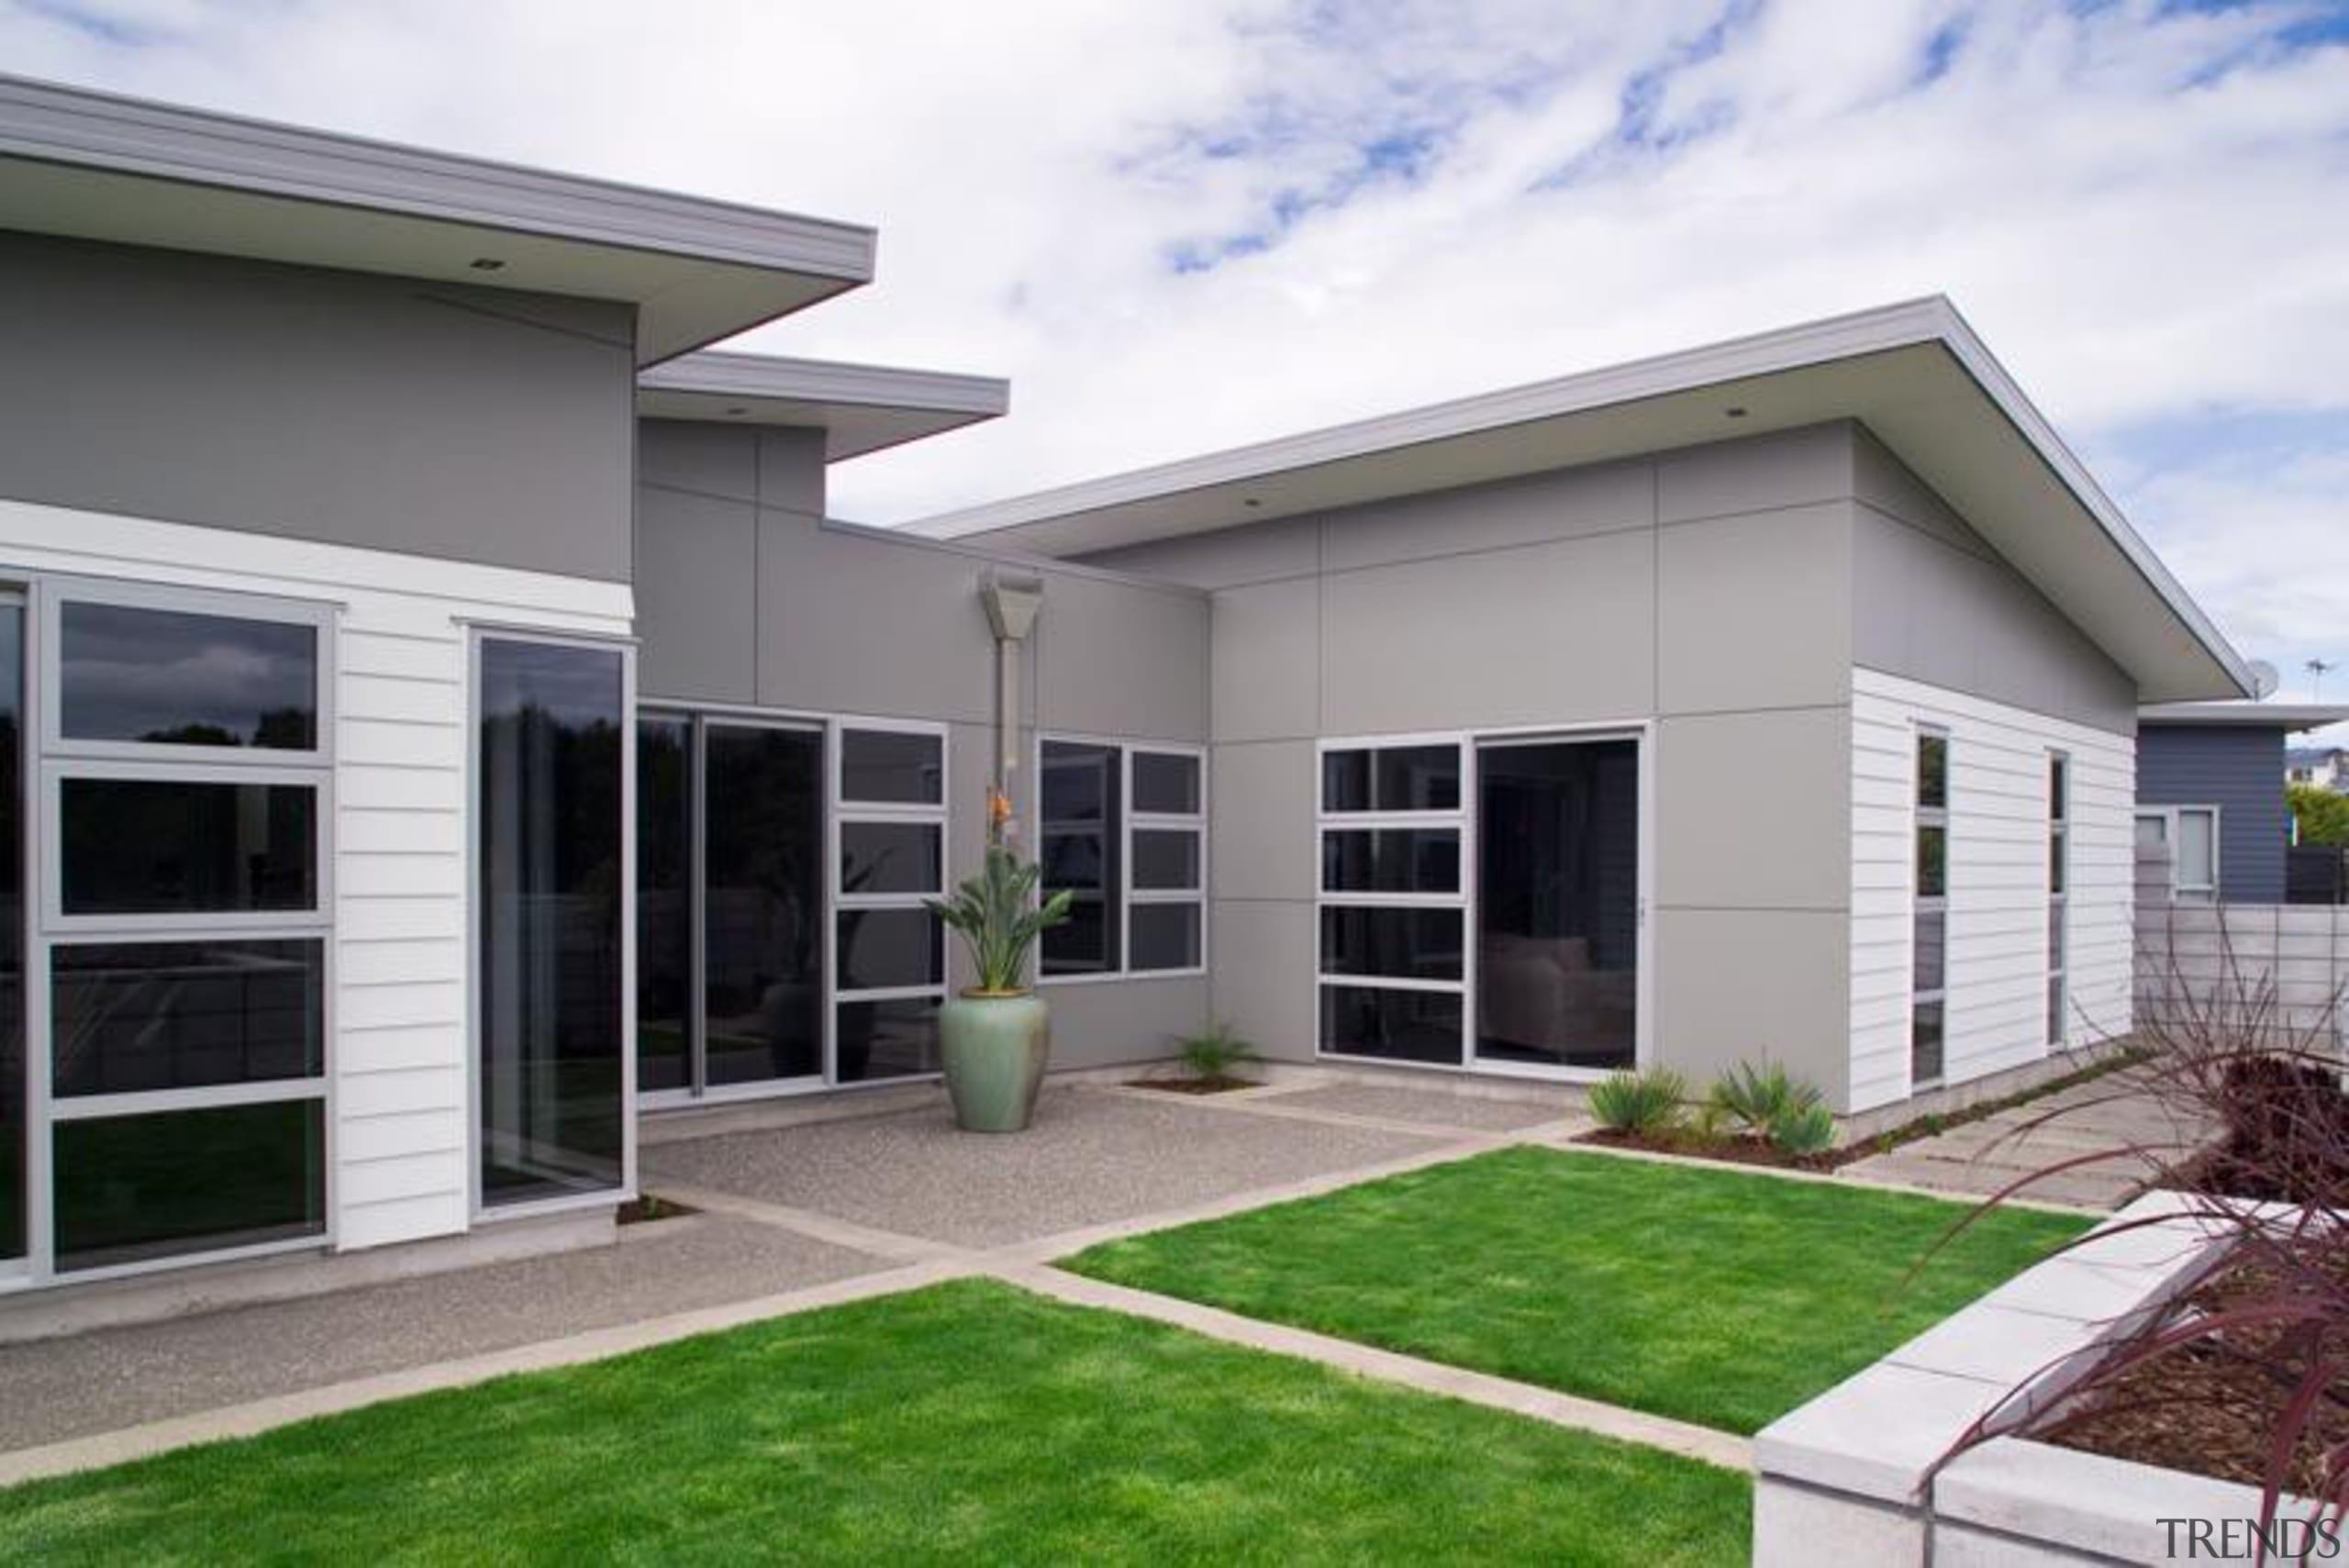 Titan Facade Panel - Titan Facade Panel - architecture, elevation, estate, facade, home, house, property, real estate, residential area, siding, window, gray, white